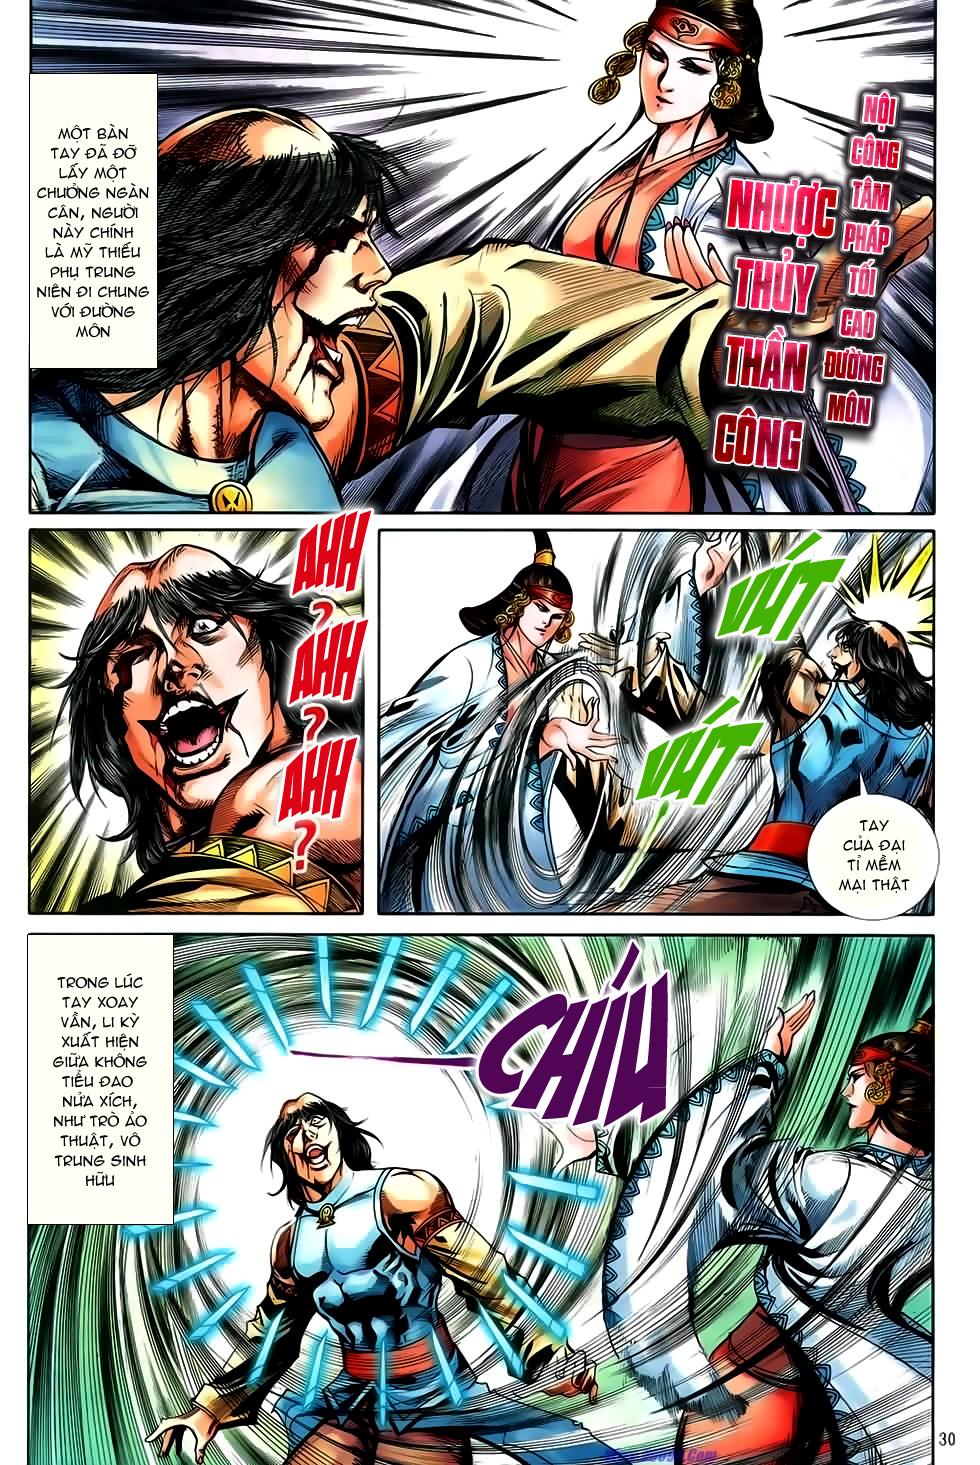 Đại Hiệp Truyền Kỳ (Thần Châu Hậu Truyện) chap 50 - Trang 27